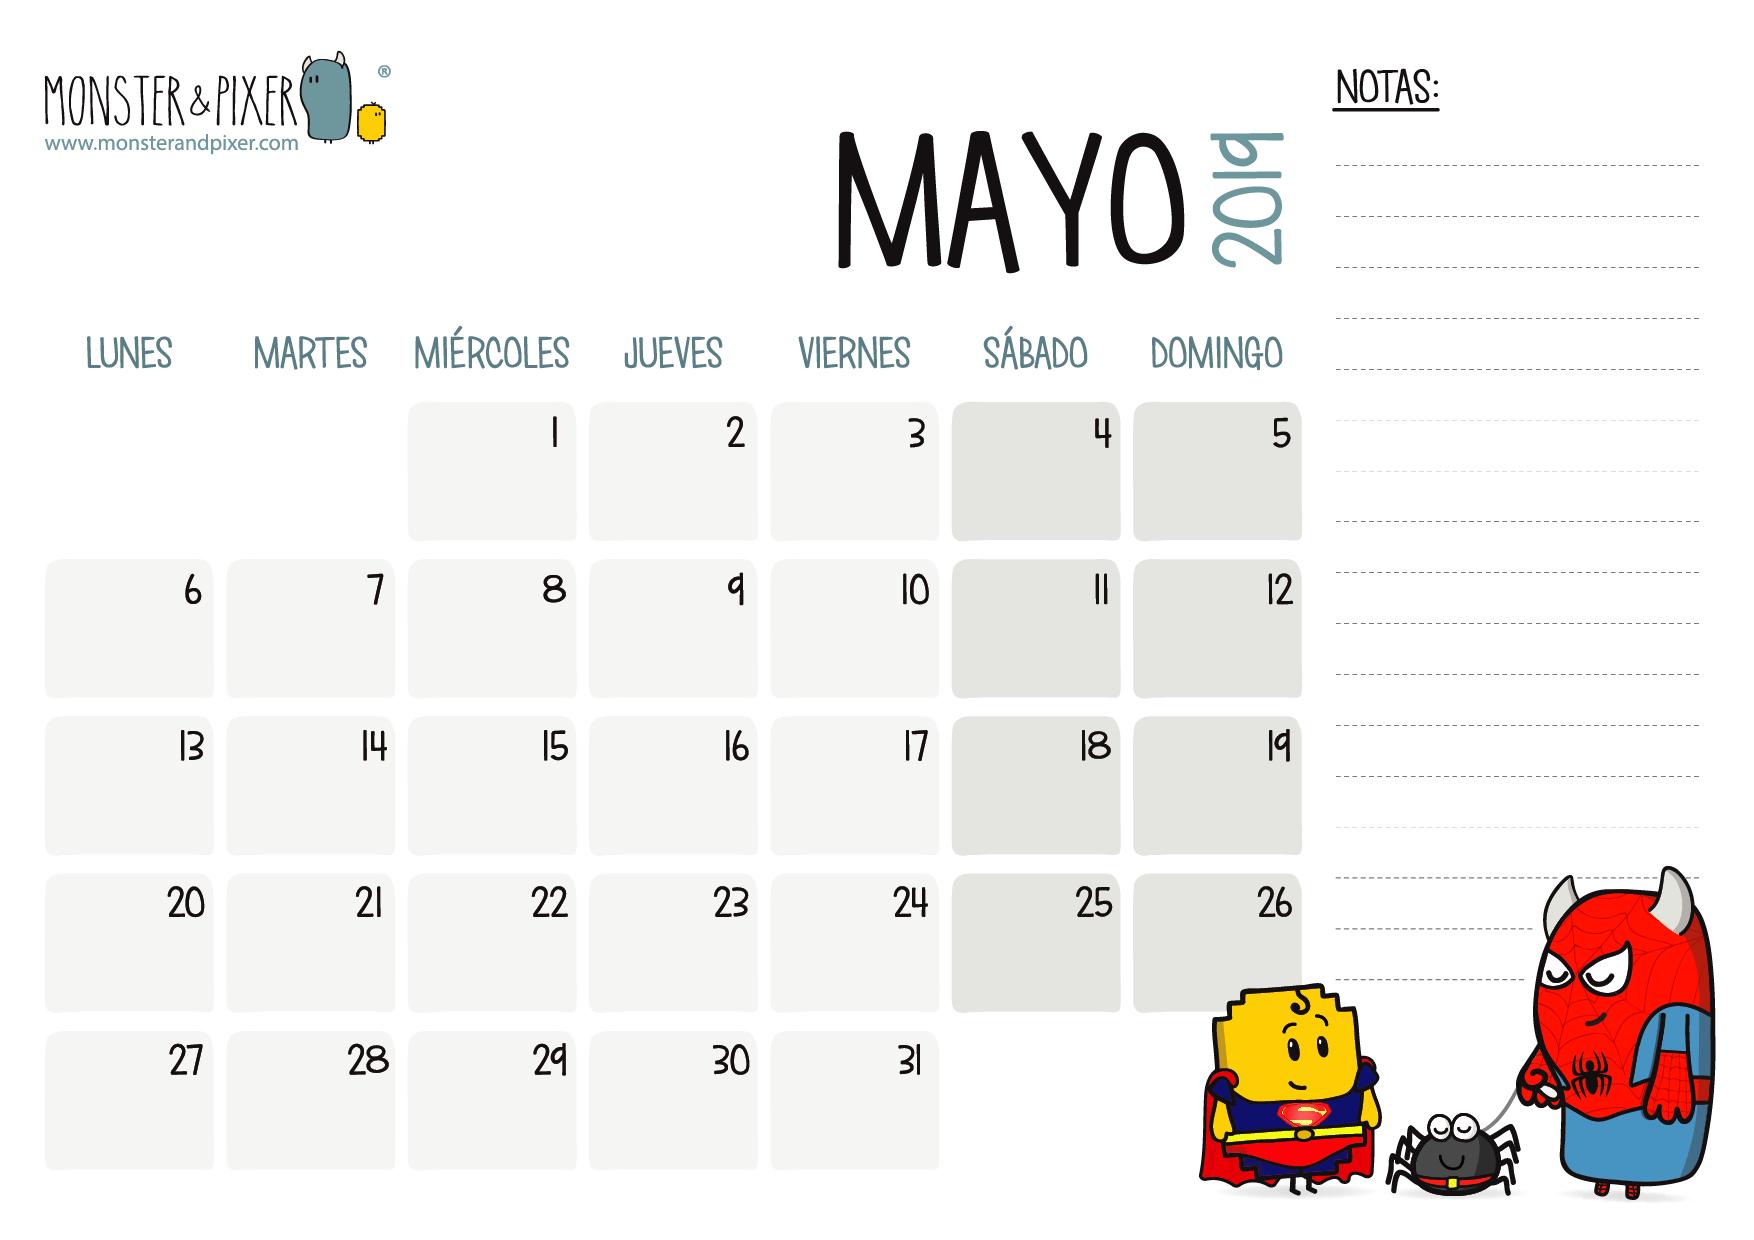 Calendario Mayo2019.Descargable Gratuito Calendario Mayo 2019 Monster Pixer